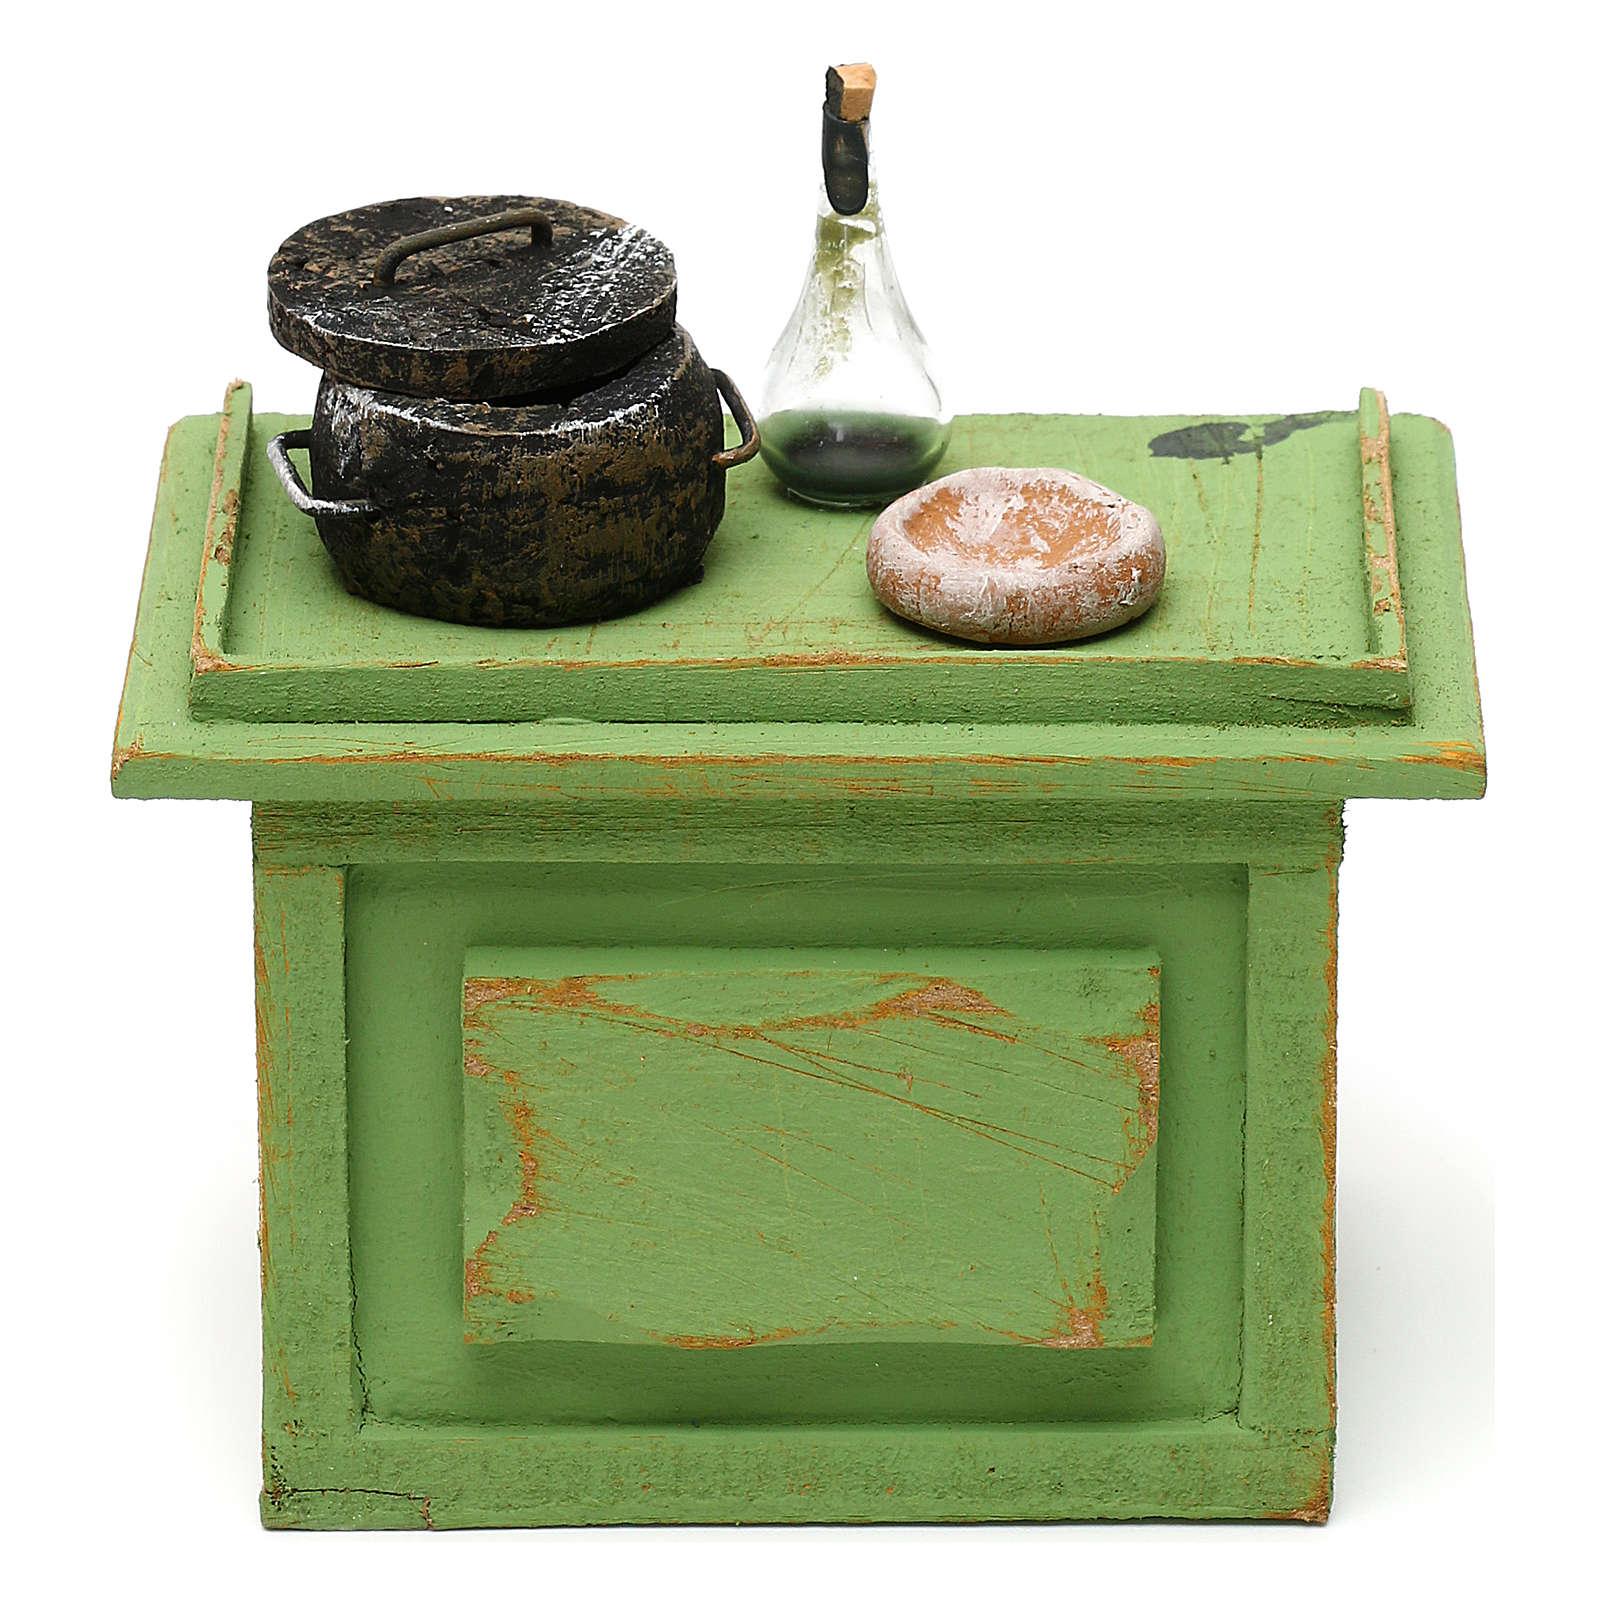 Mostrador tienda con accesorios de 10x10x5 cm para belén de 12 cm 4